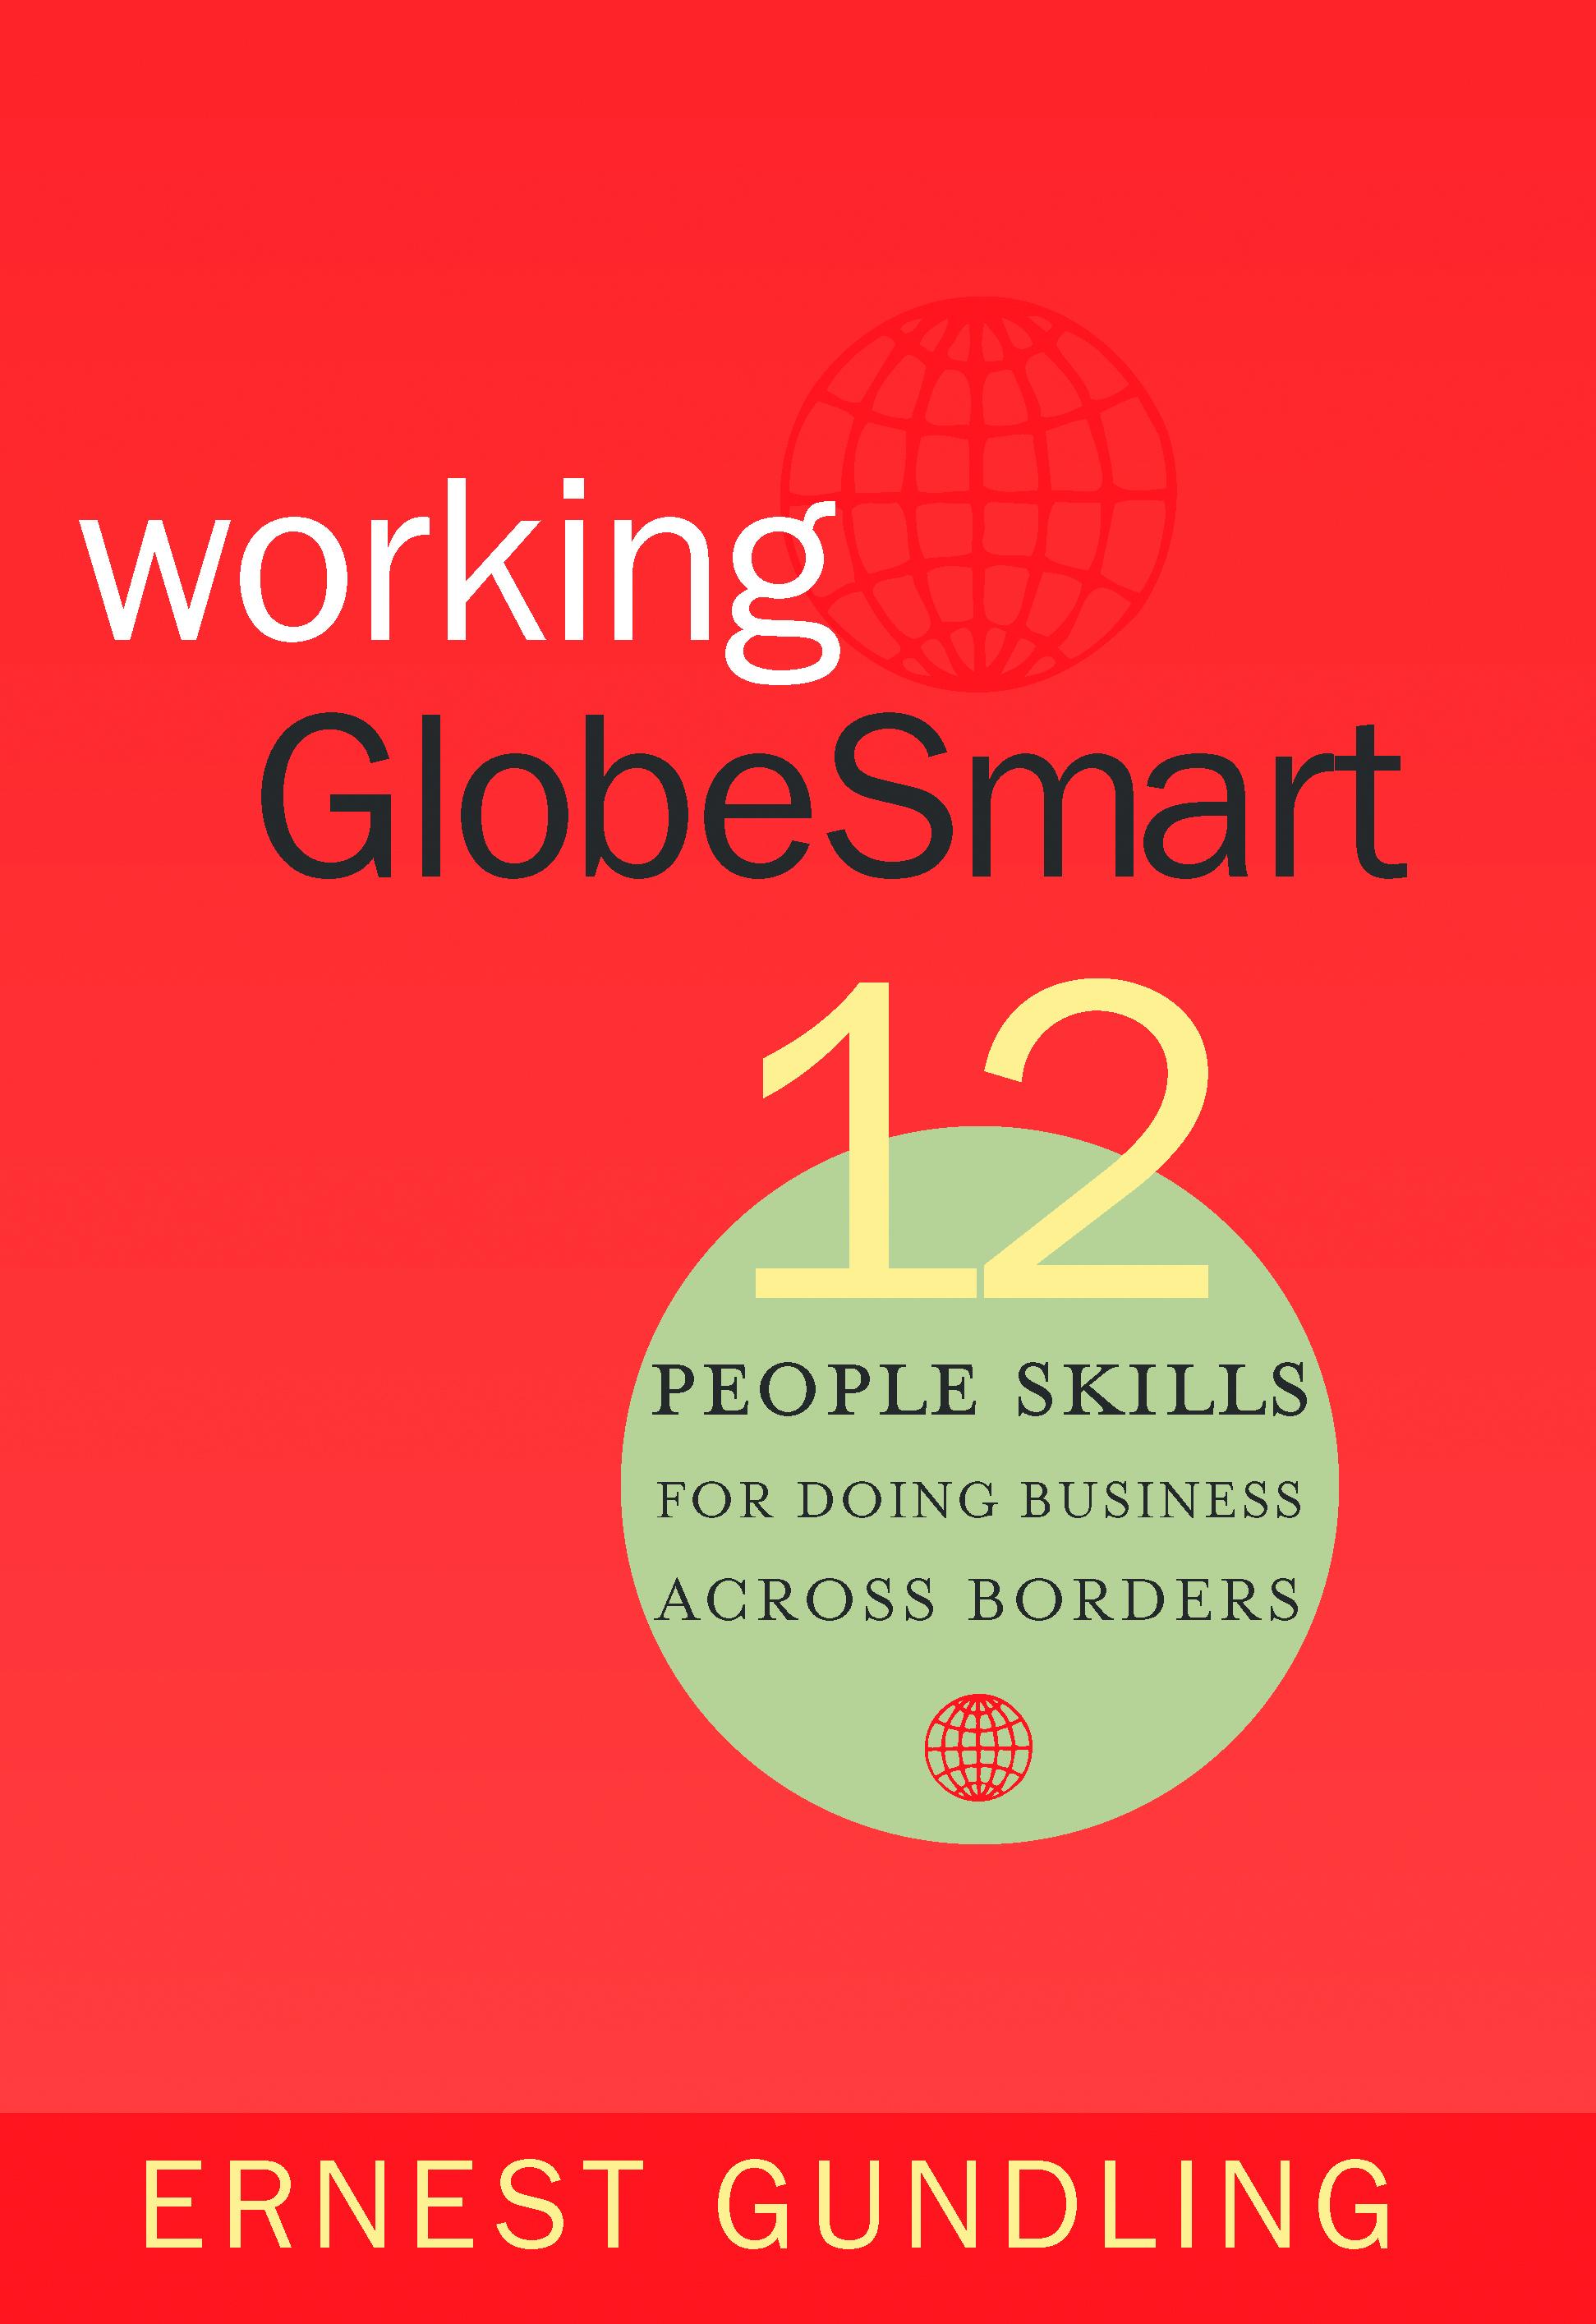 WorkingGlobeSmart hi-res.jpg